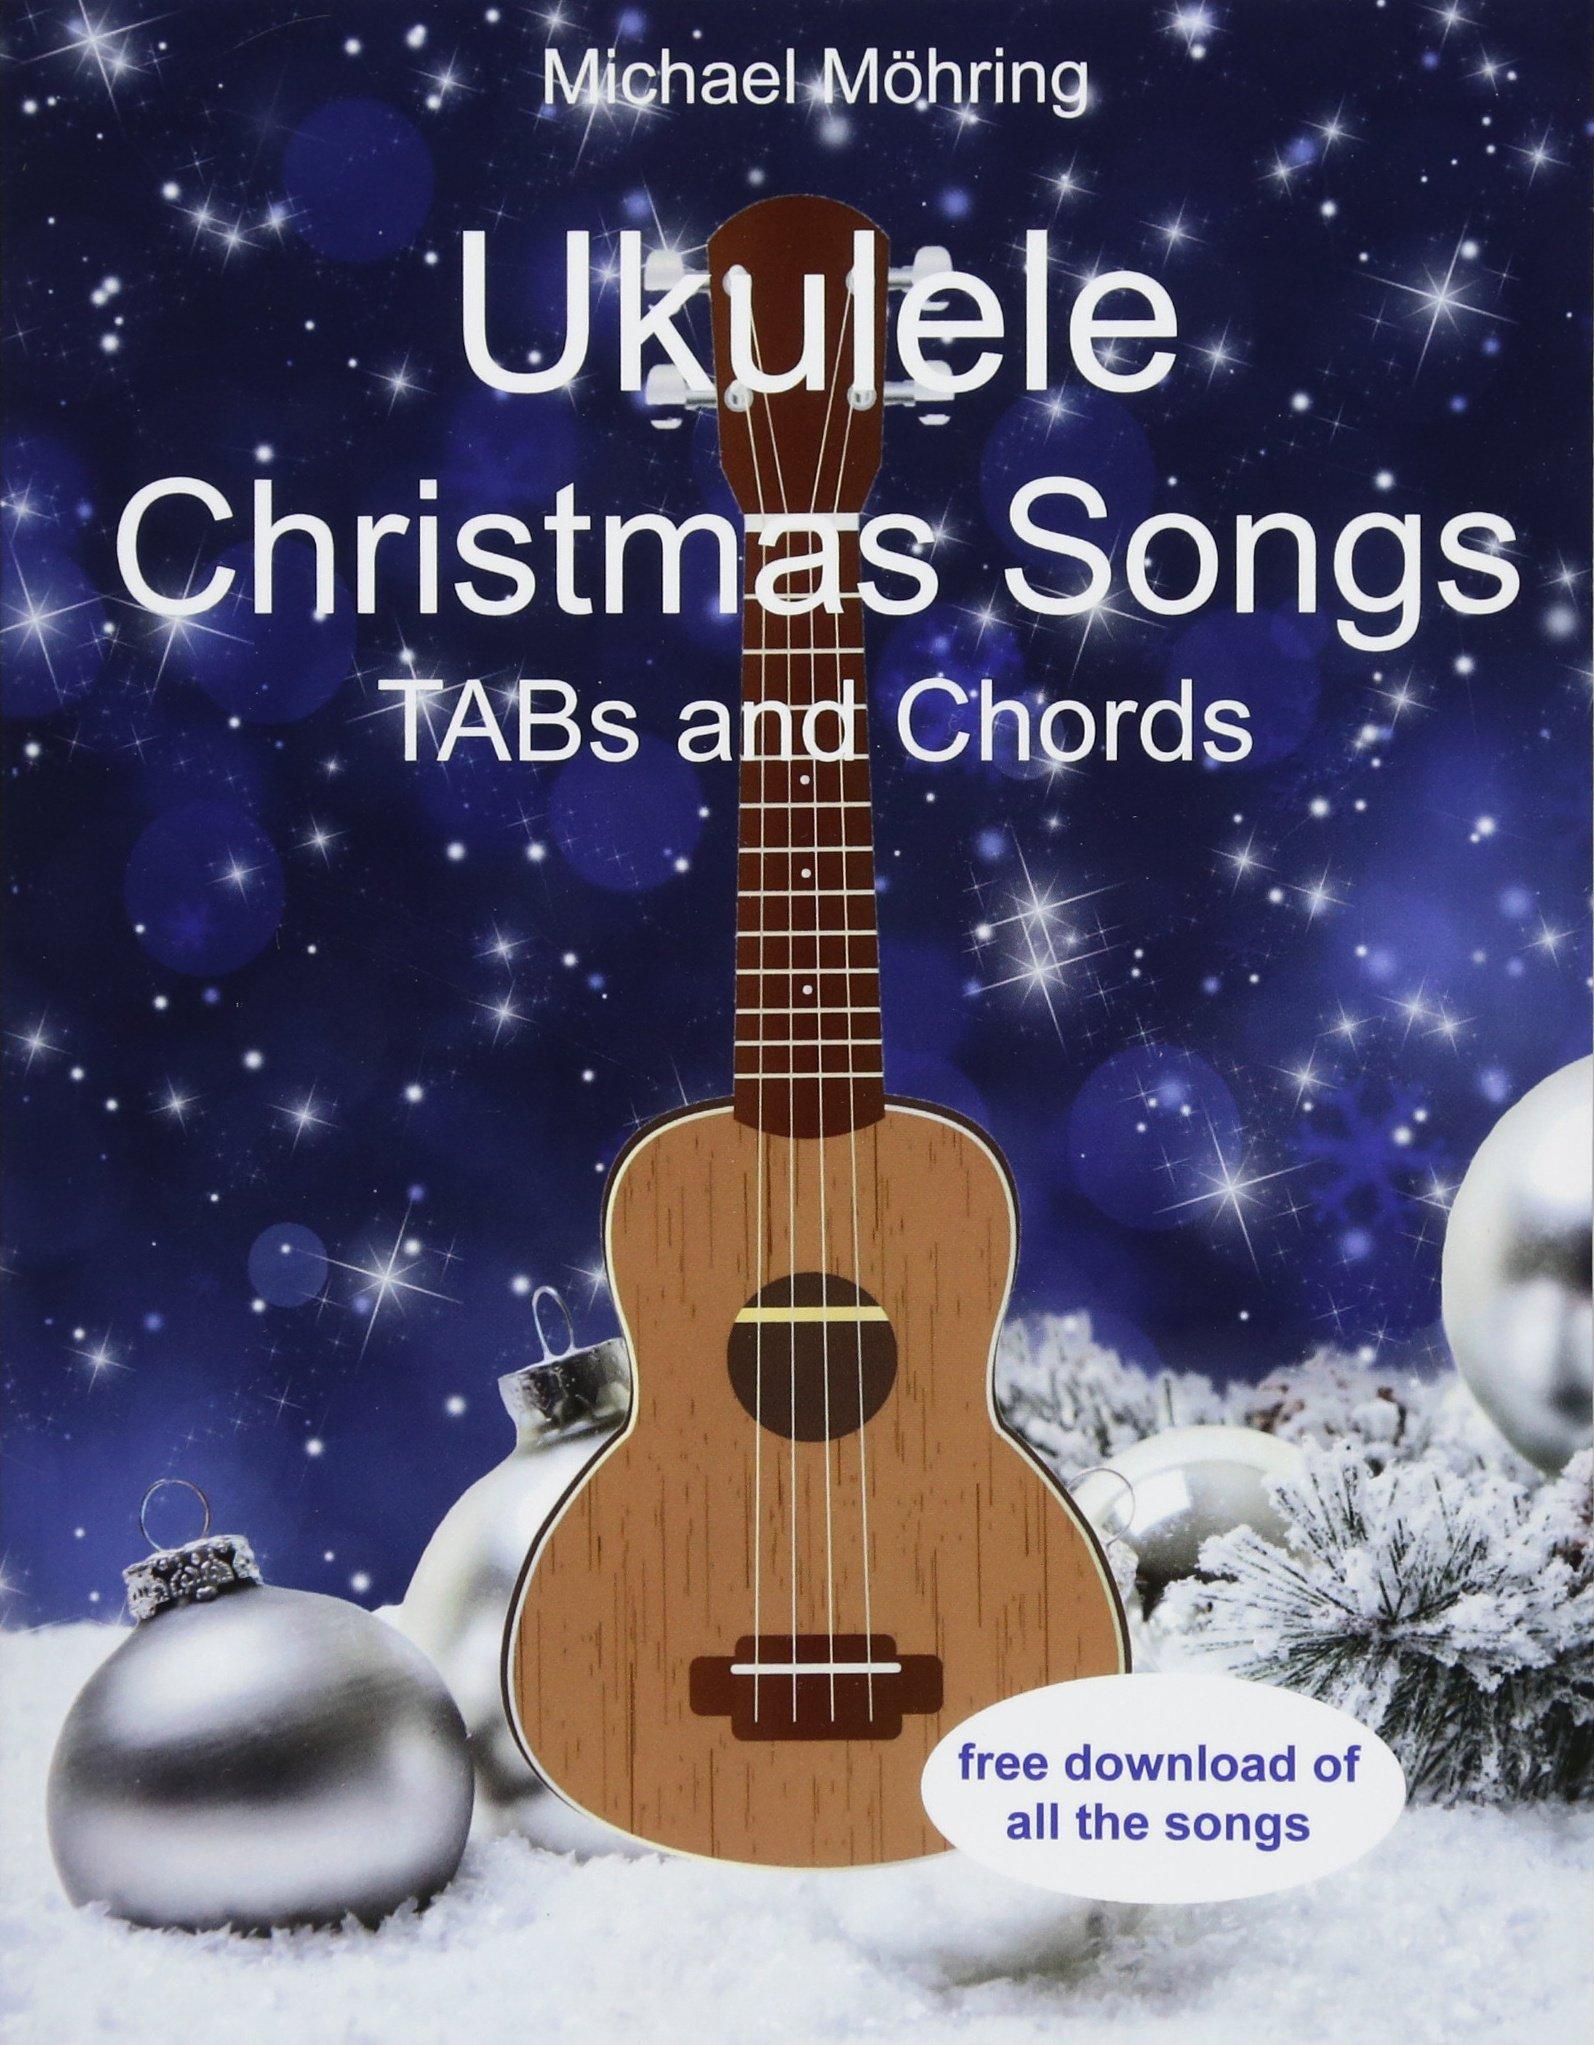 amazoncom ukulele christmas songs tabs and chords 9781977833198 michael mhring books - Blue Christmas Ukulele Chords